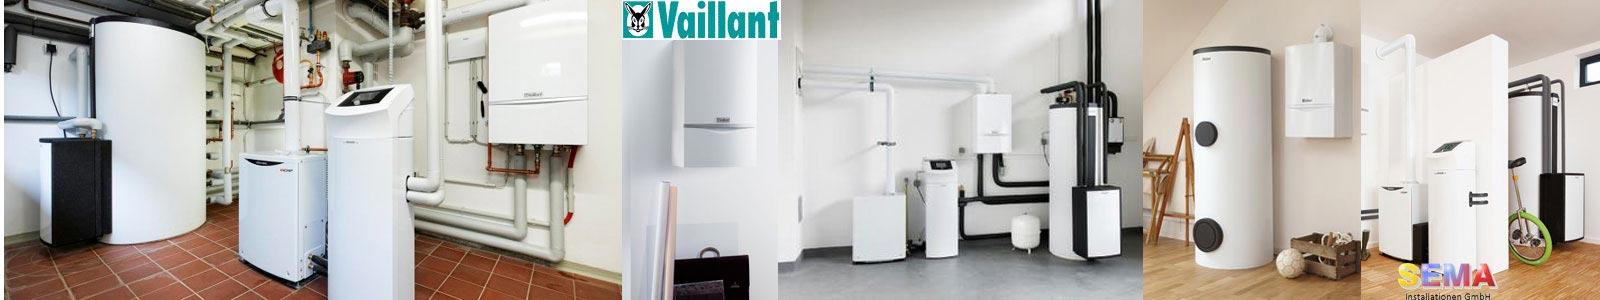 sema 24h installateur notdienst wien sanit rinstallation gebrechen noteinsatz. Black Bedroom Furniture Sets. Home Design Ideas